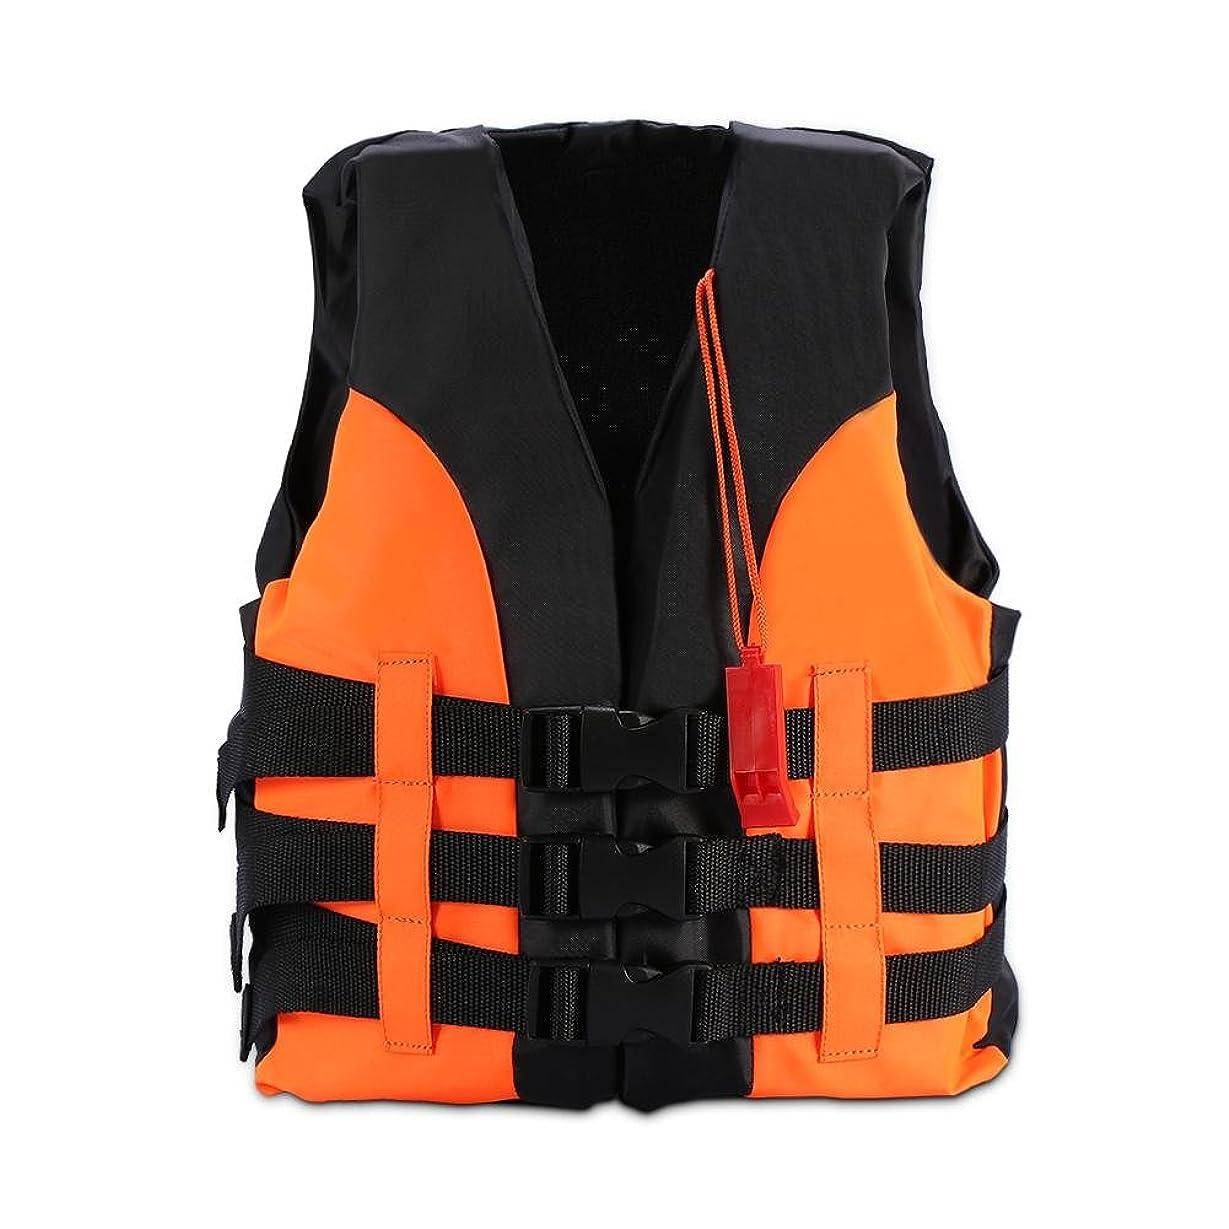 案件共産主義者彼はライフジャケット フローティングベスト 子供用 救命胴衣 安全対策 緊急場合 目立ちタイプ サバイバルホイッスル 高い浮力 親子活動 サイズ調節可 蛍光色 2サイズ